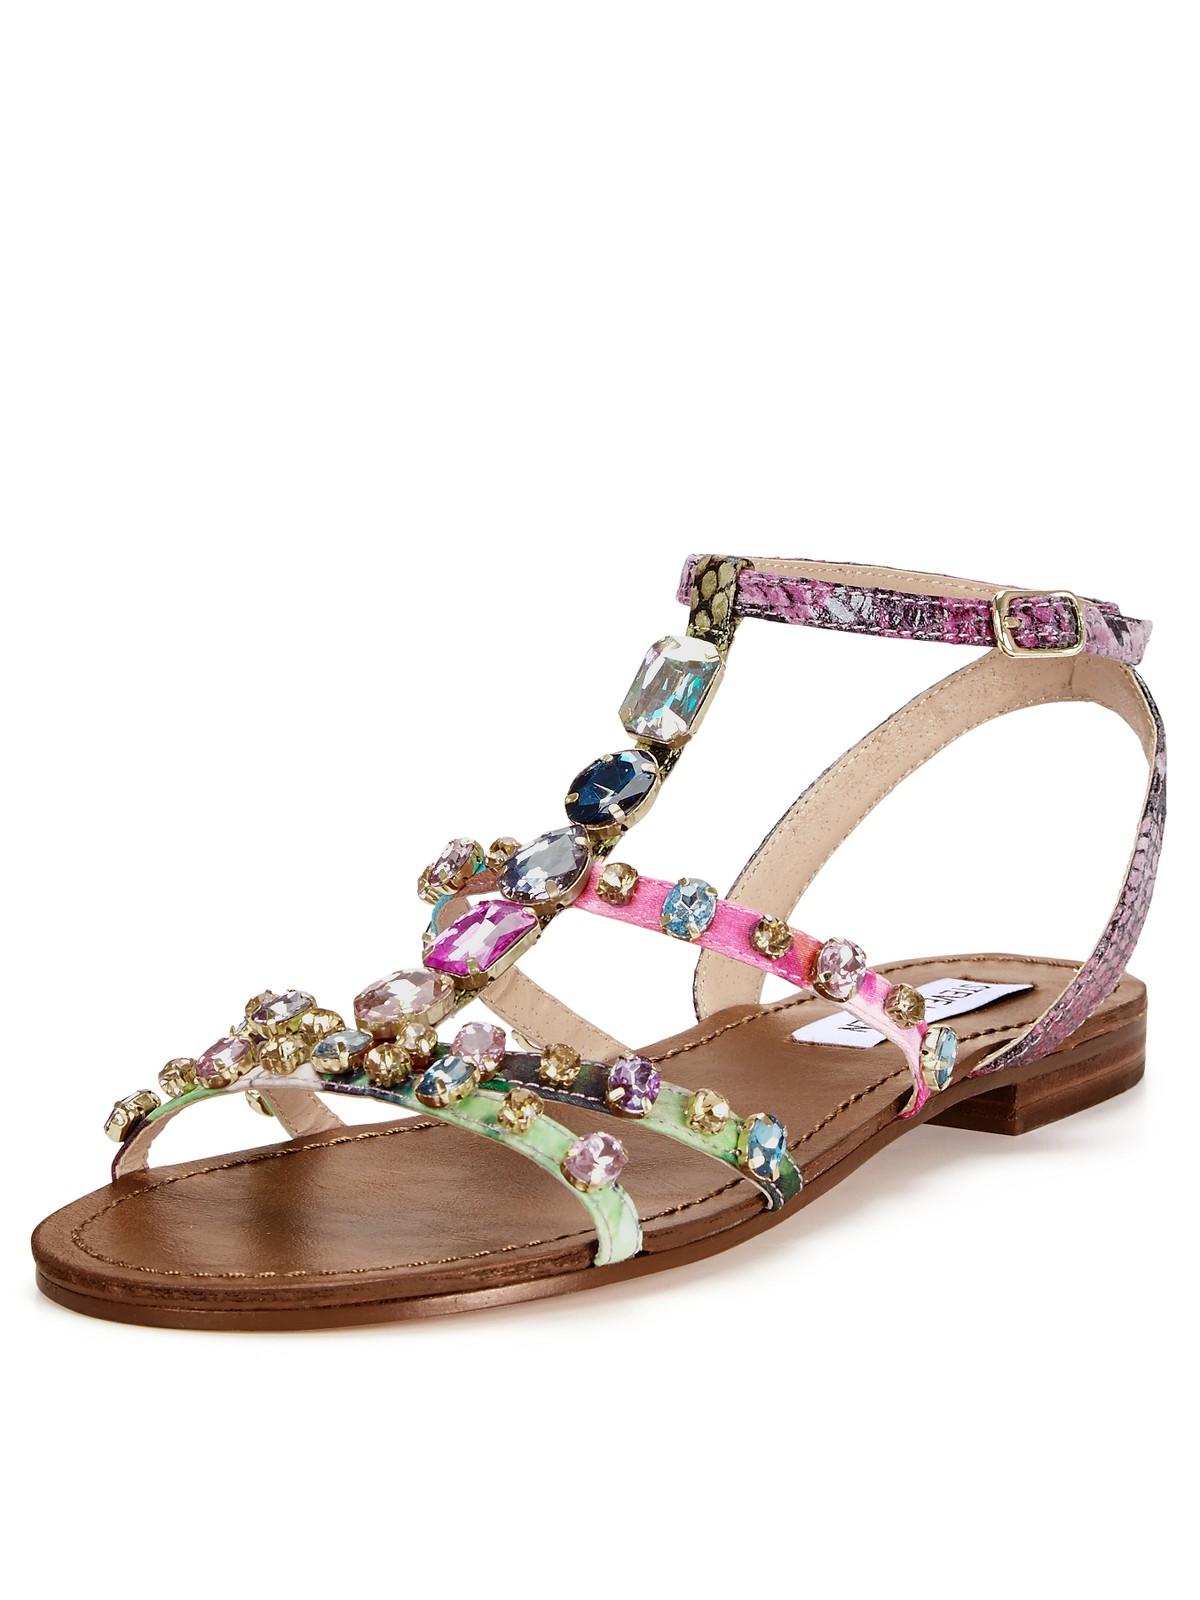 Steve Madden Embellished Flat Sandals